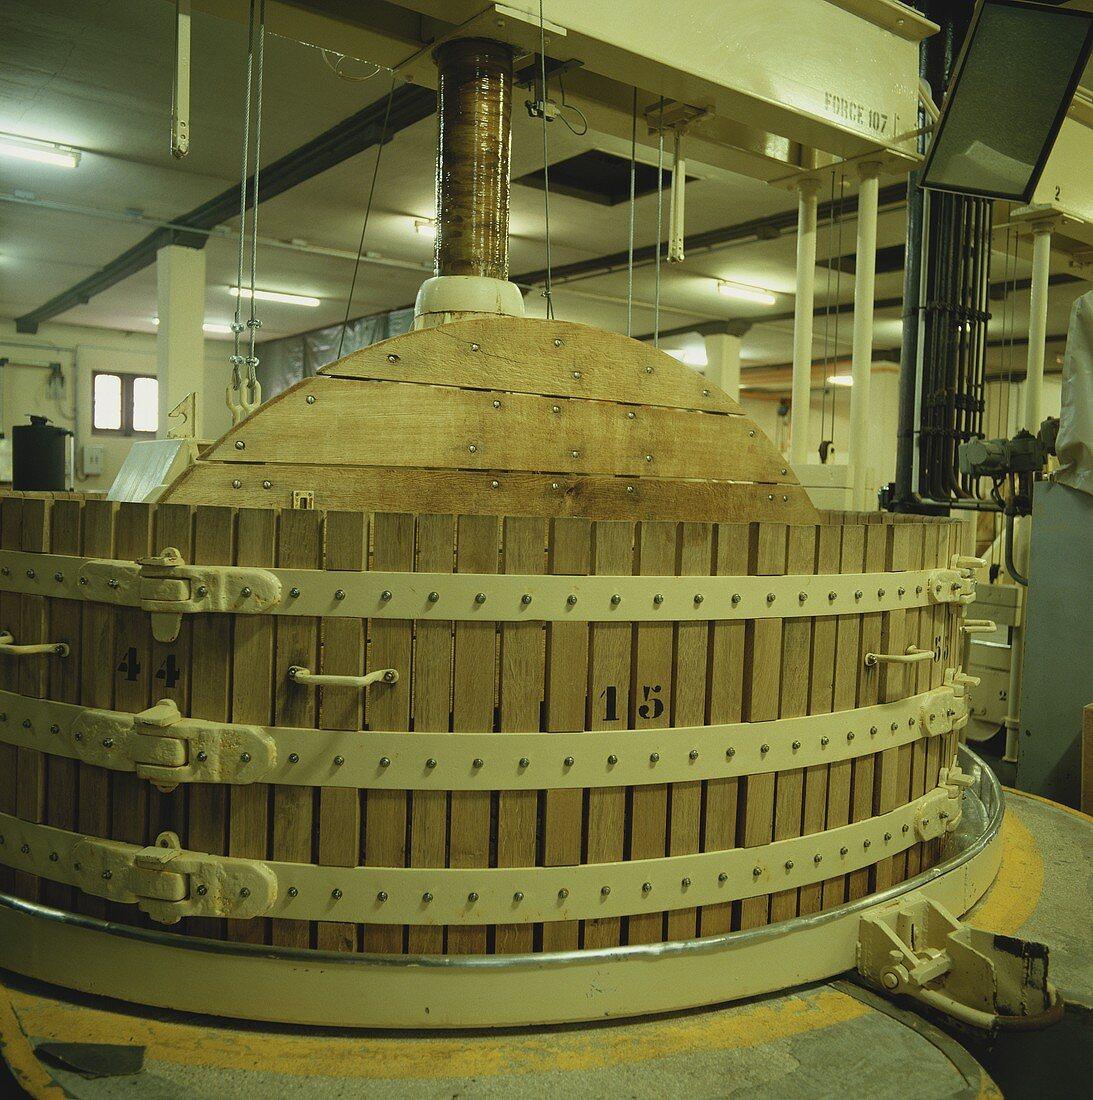 Old press, Moet et Chandon, Epernay, Champagne, France